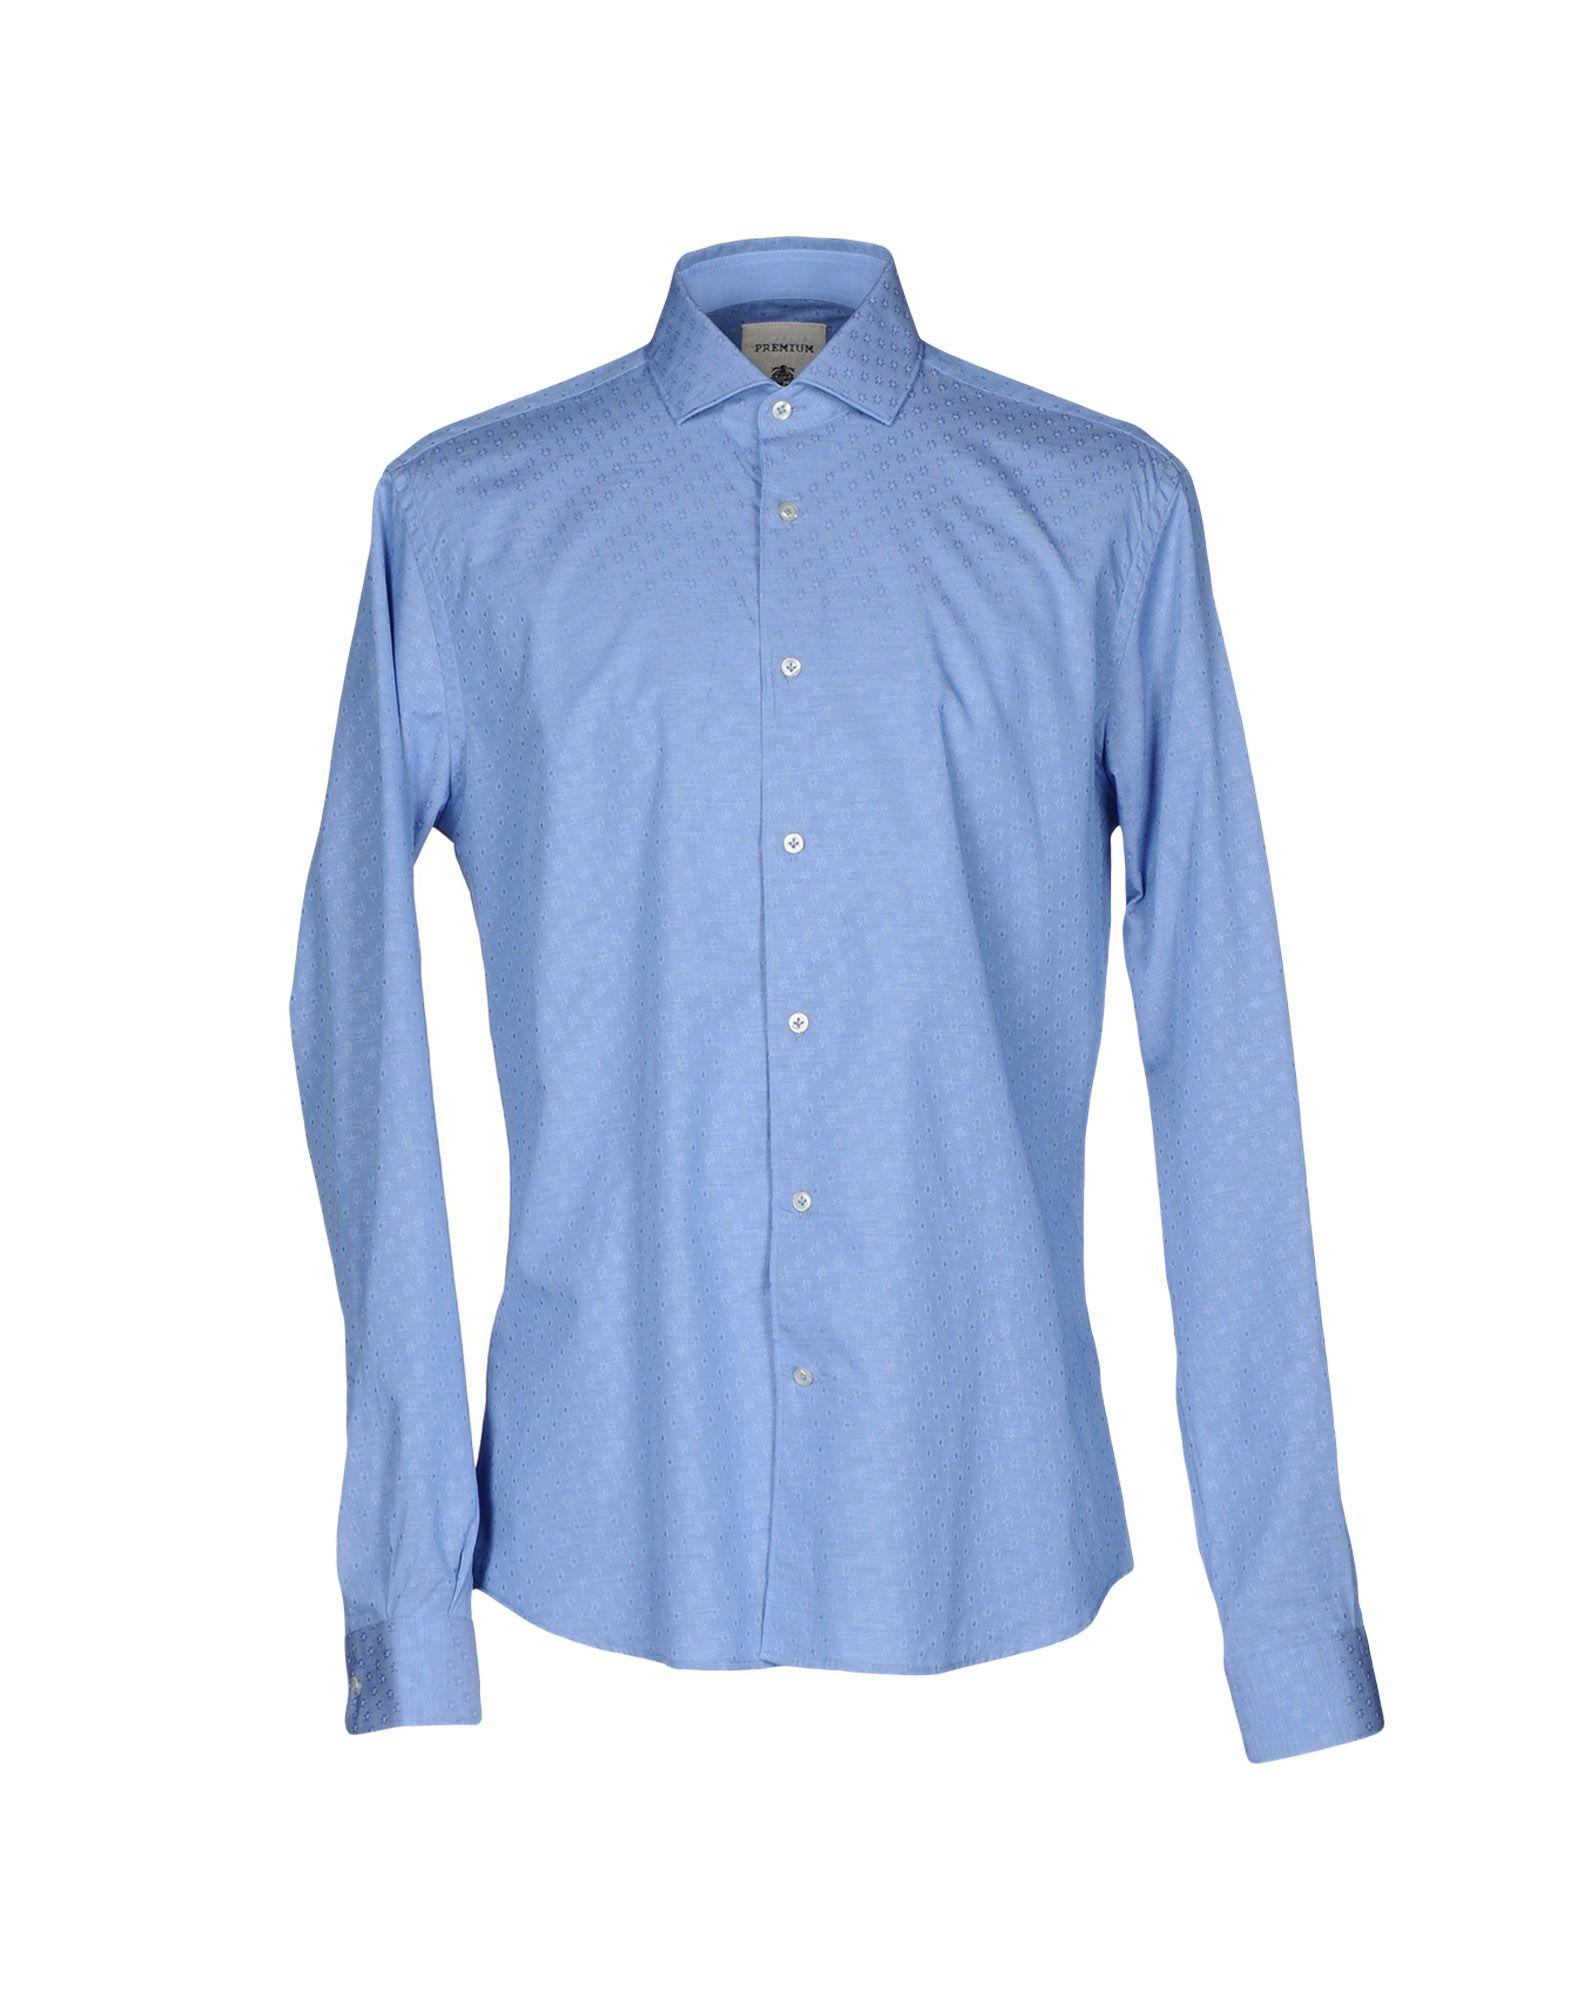 'Premium Shirts